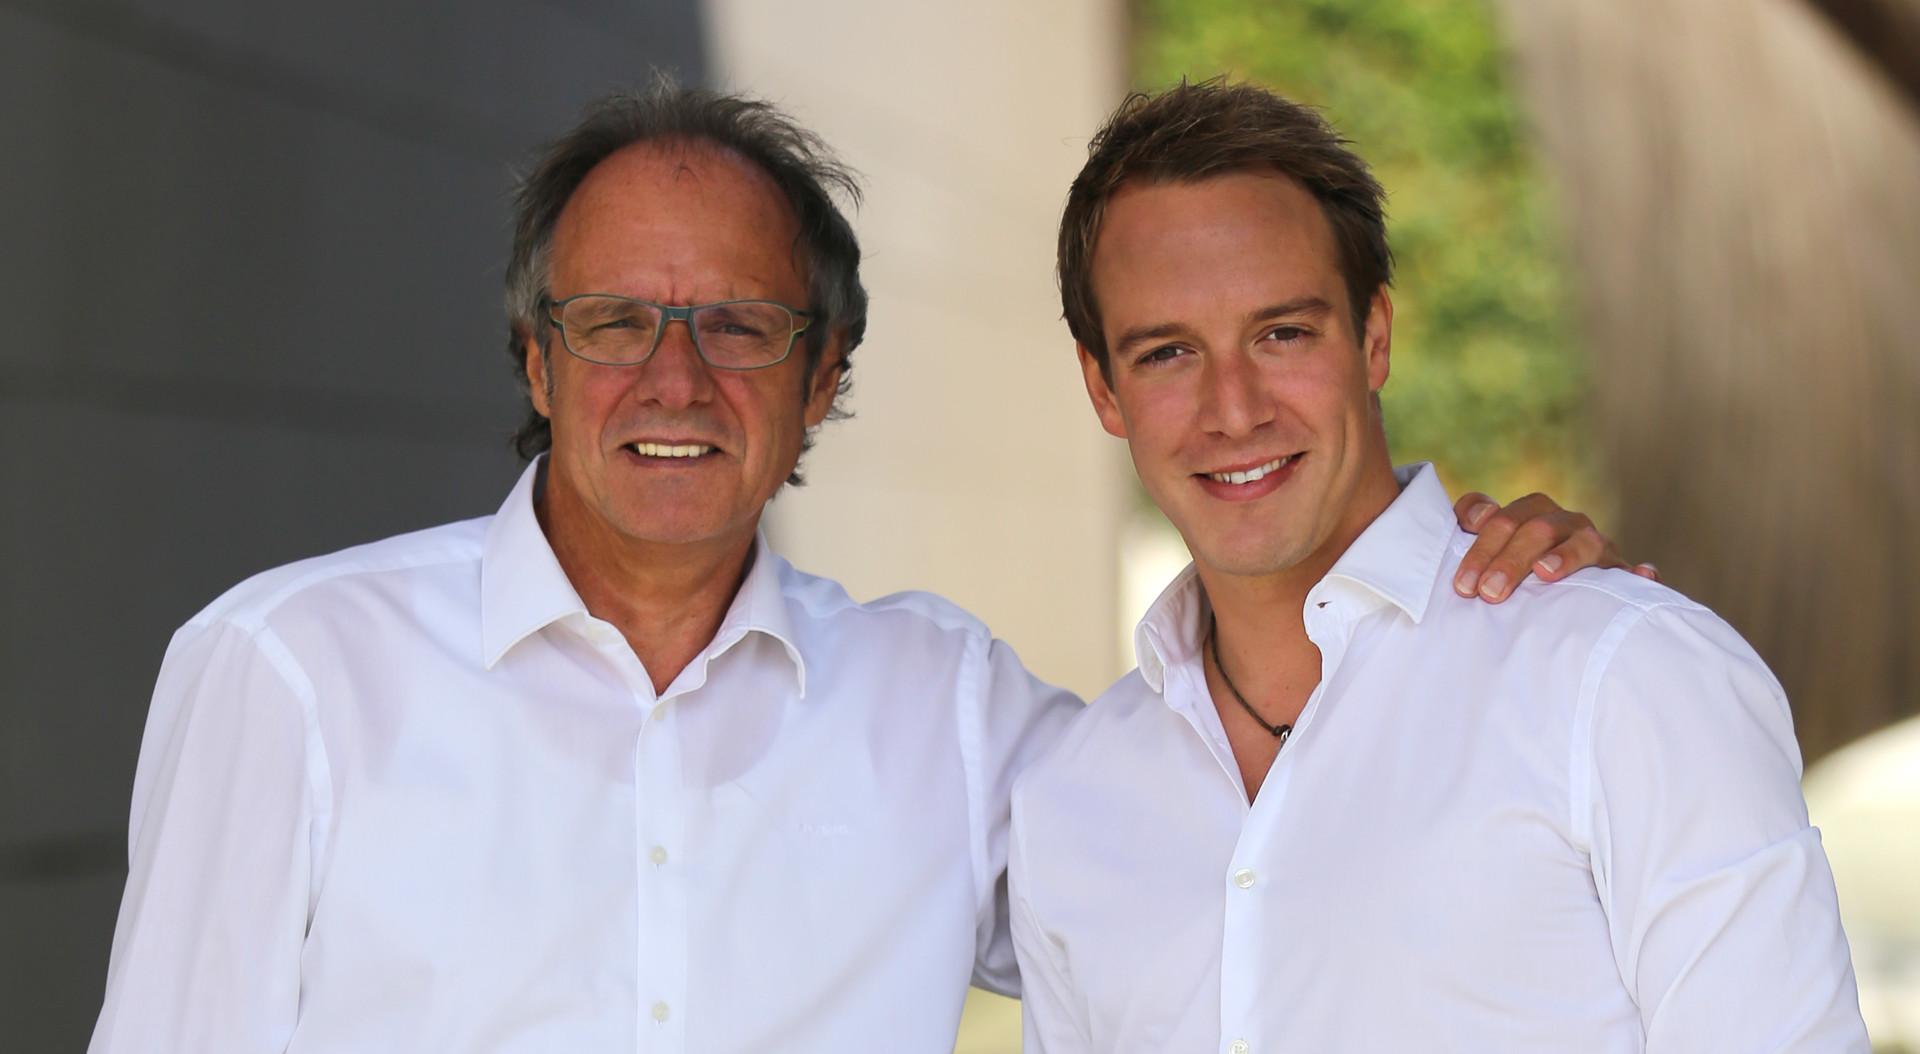 Dieter und Patrick Fink